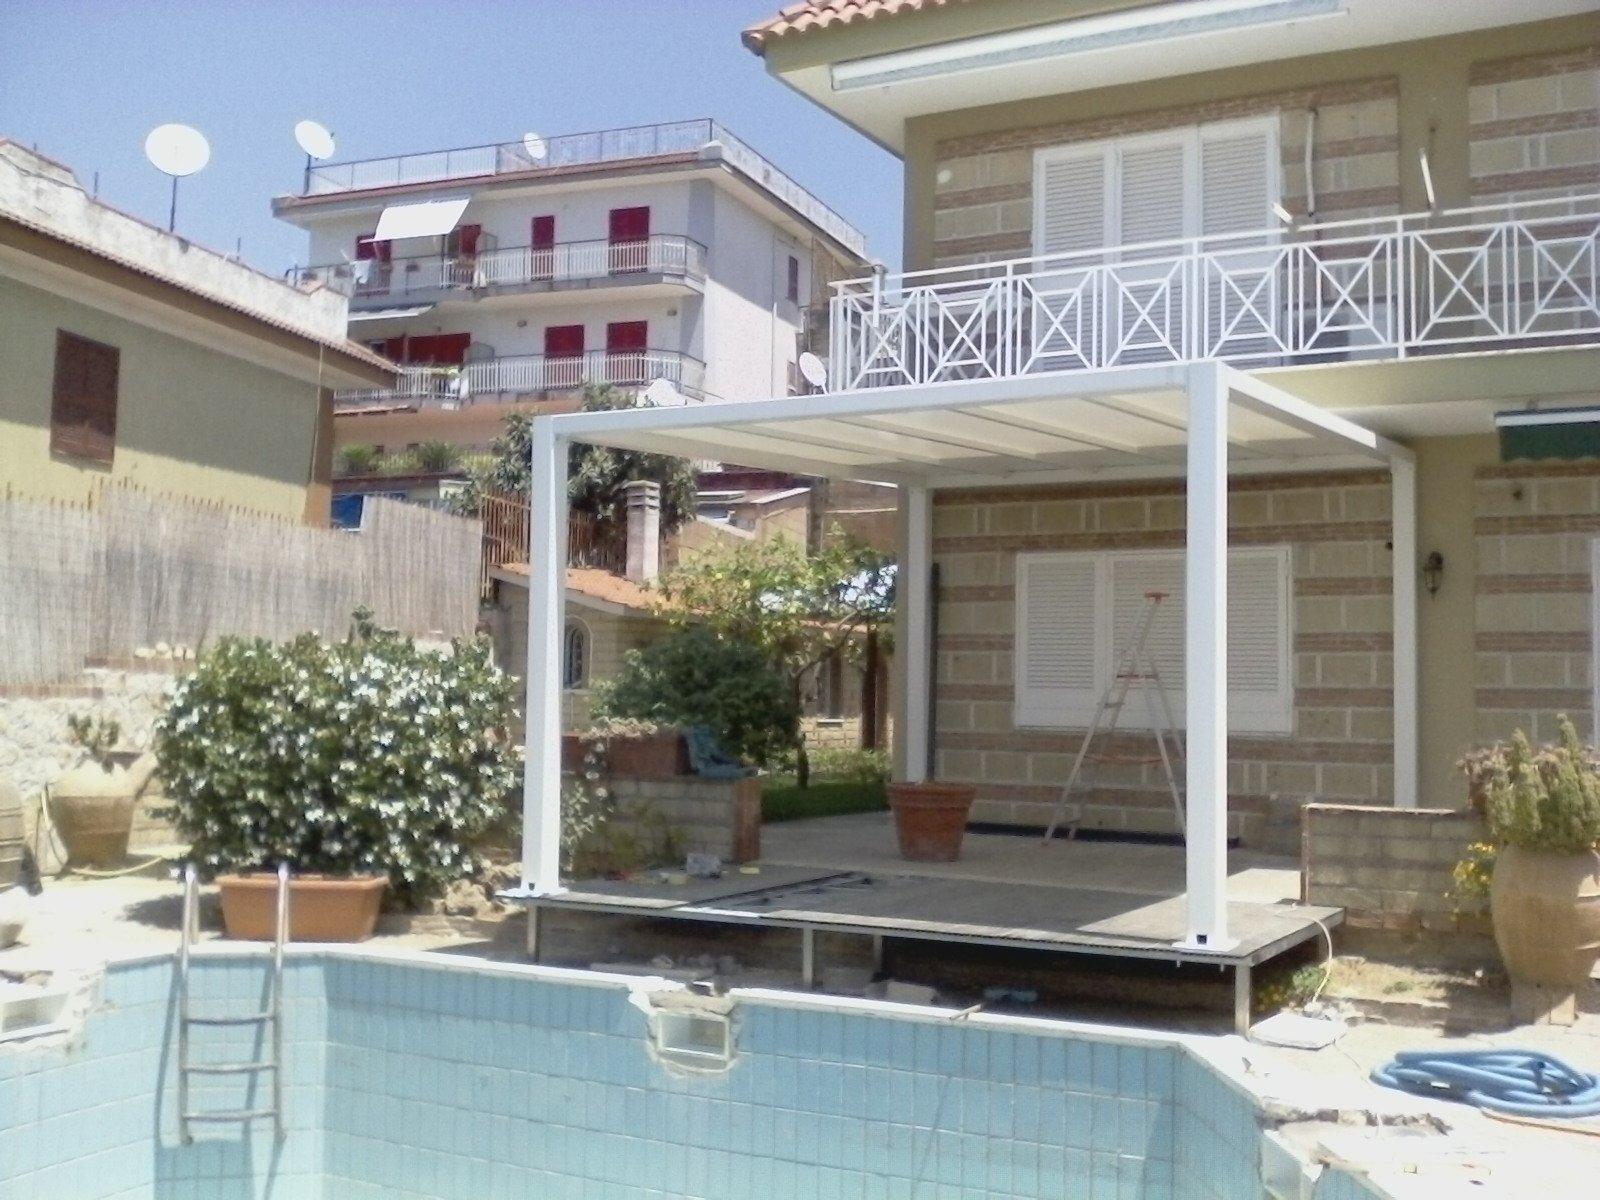 tettoia permanente a bordo piscina di giardino privato